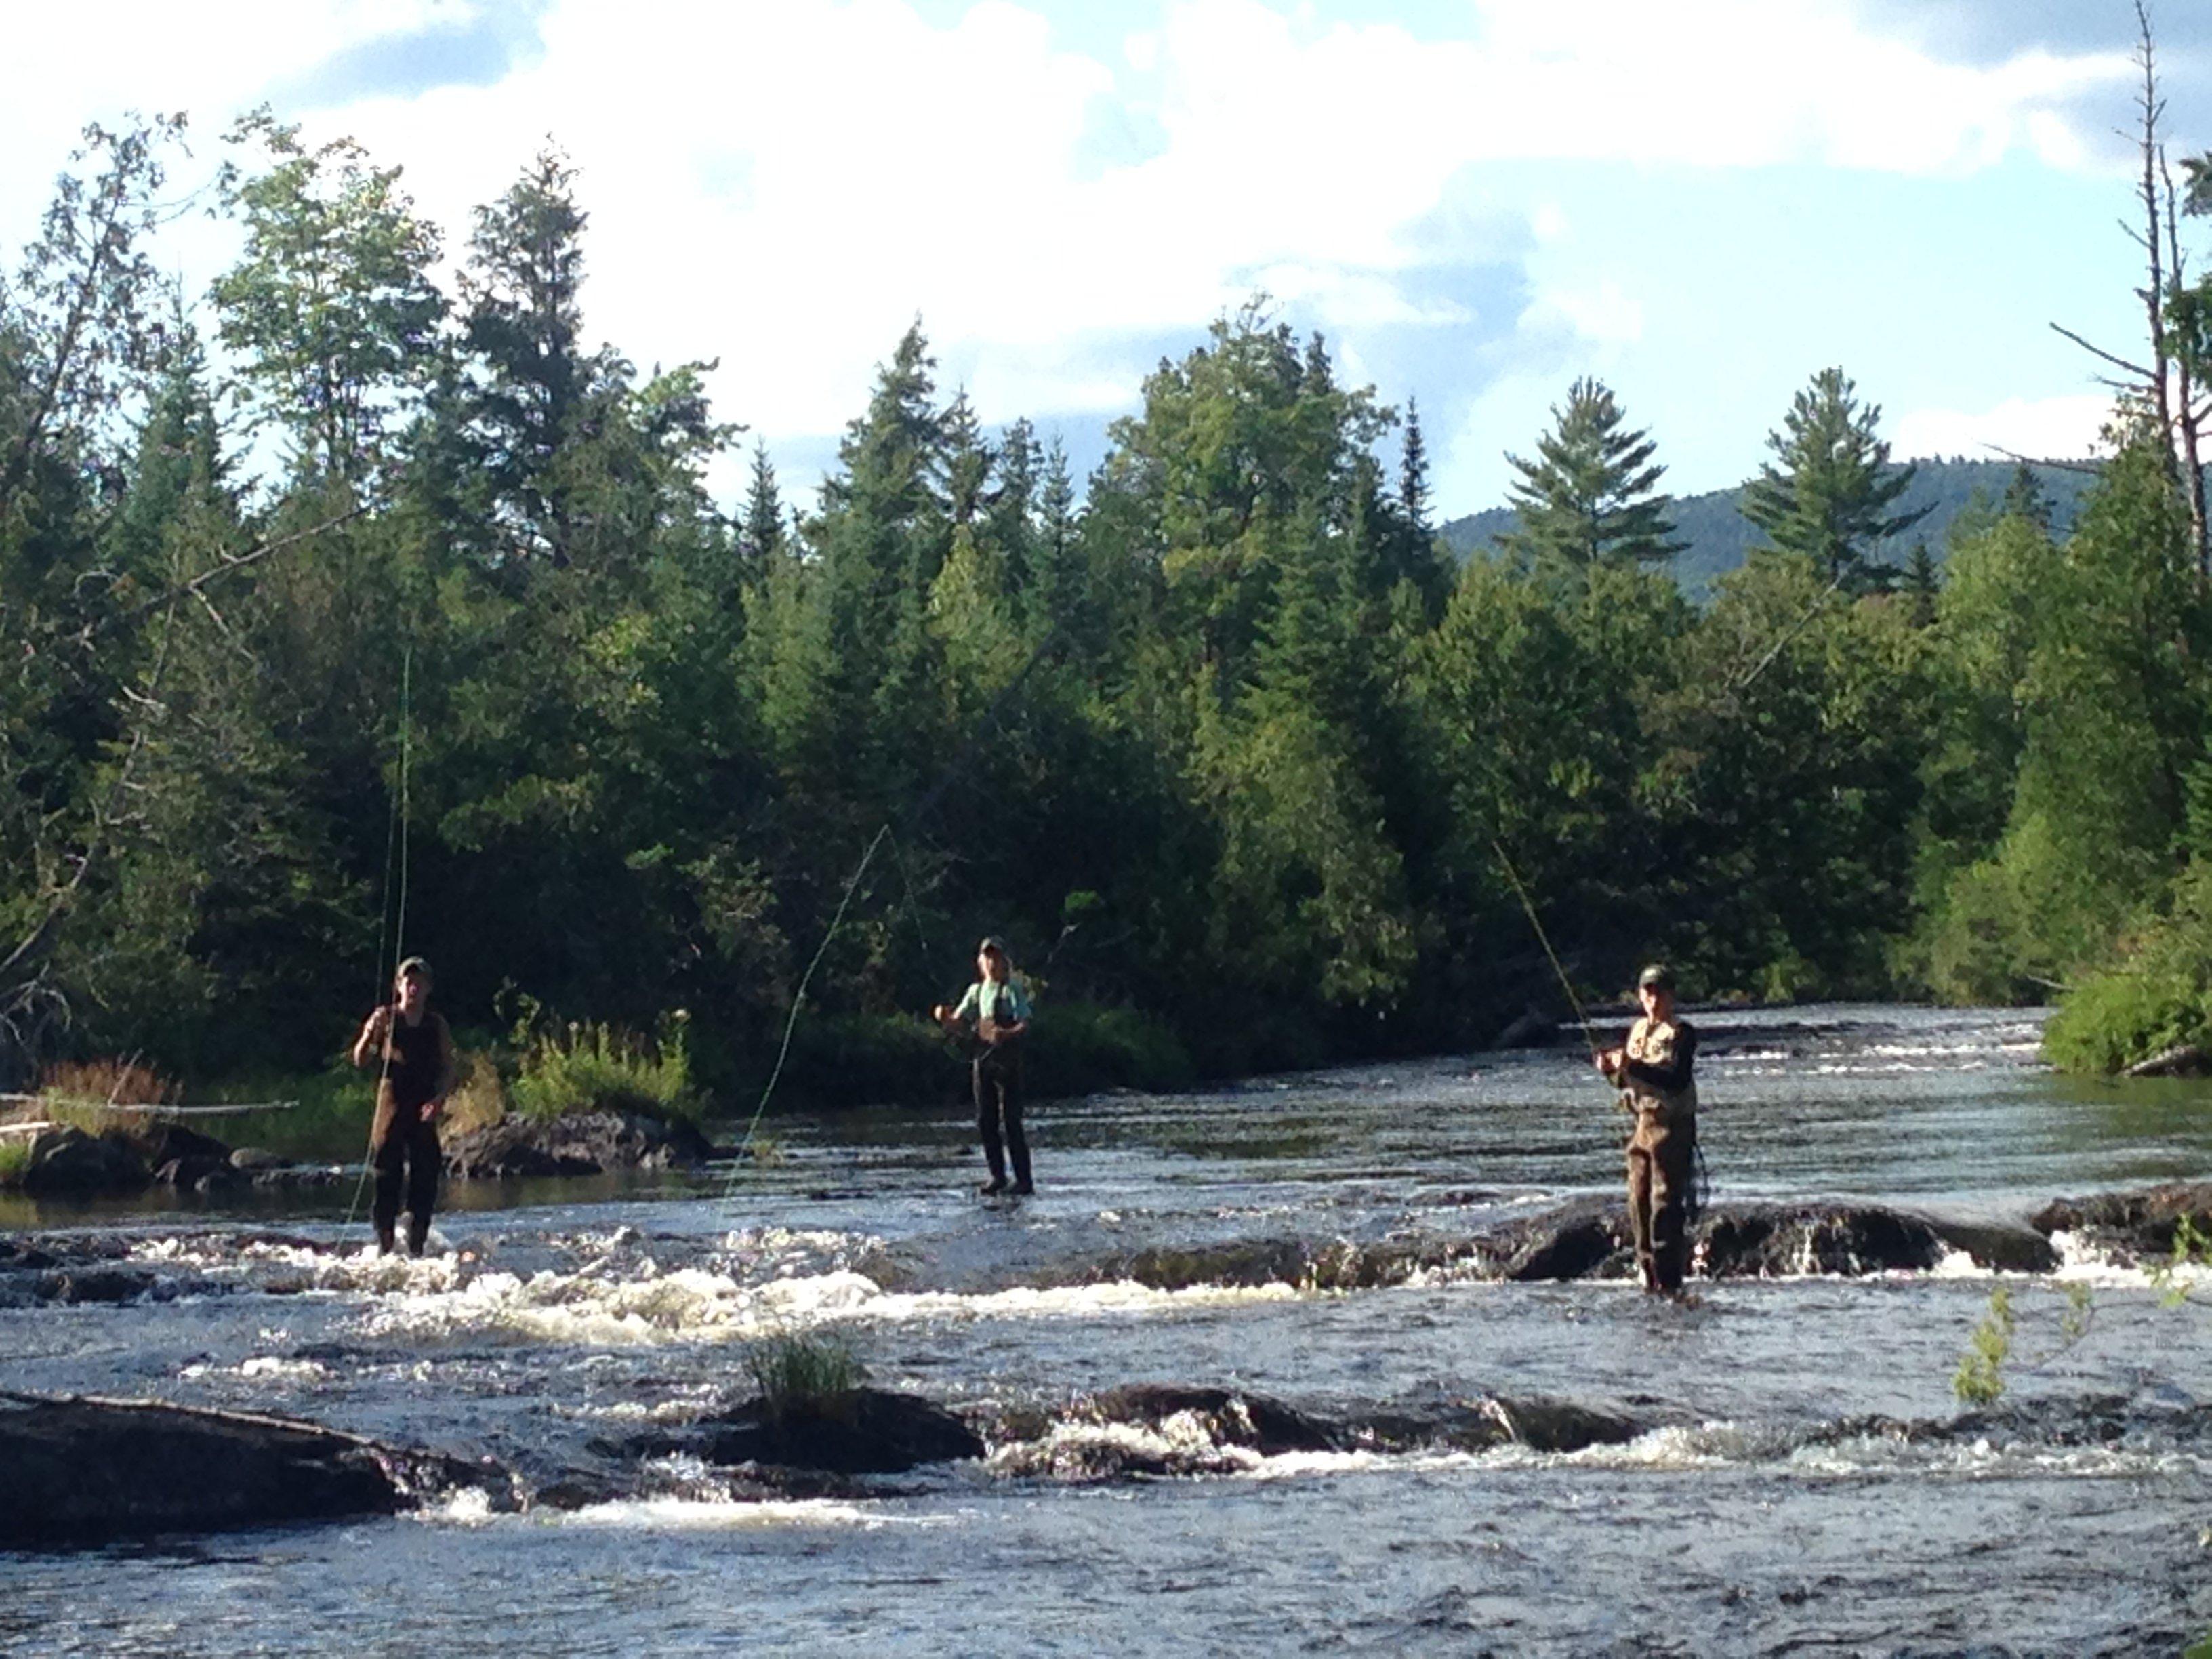 My boys/ friends~Fly fishing Munsungan Falls